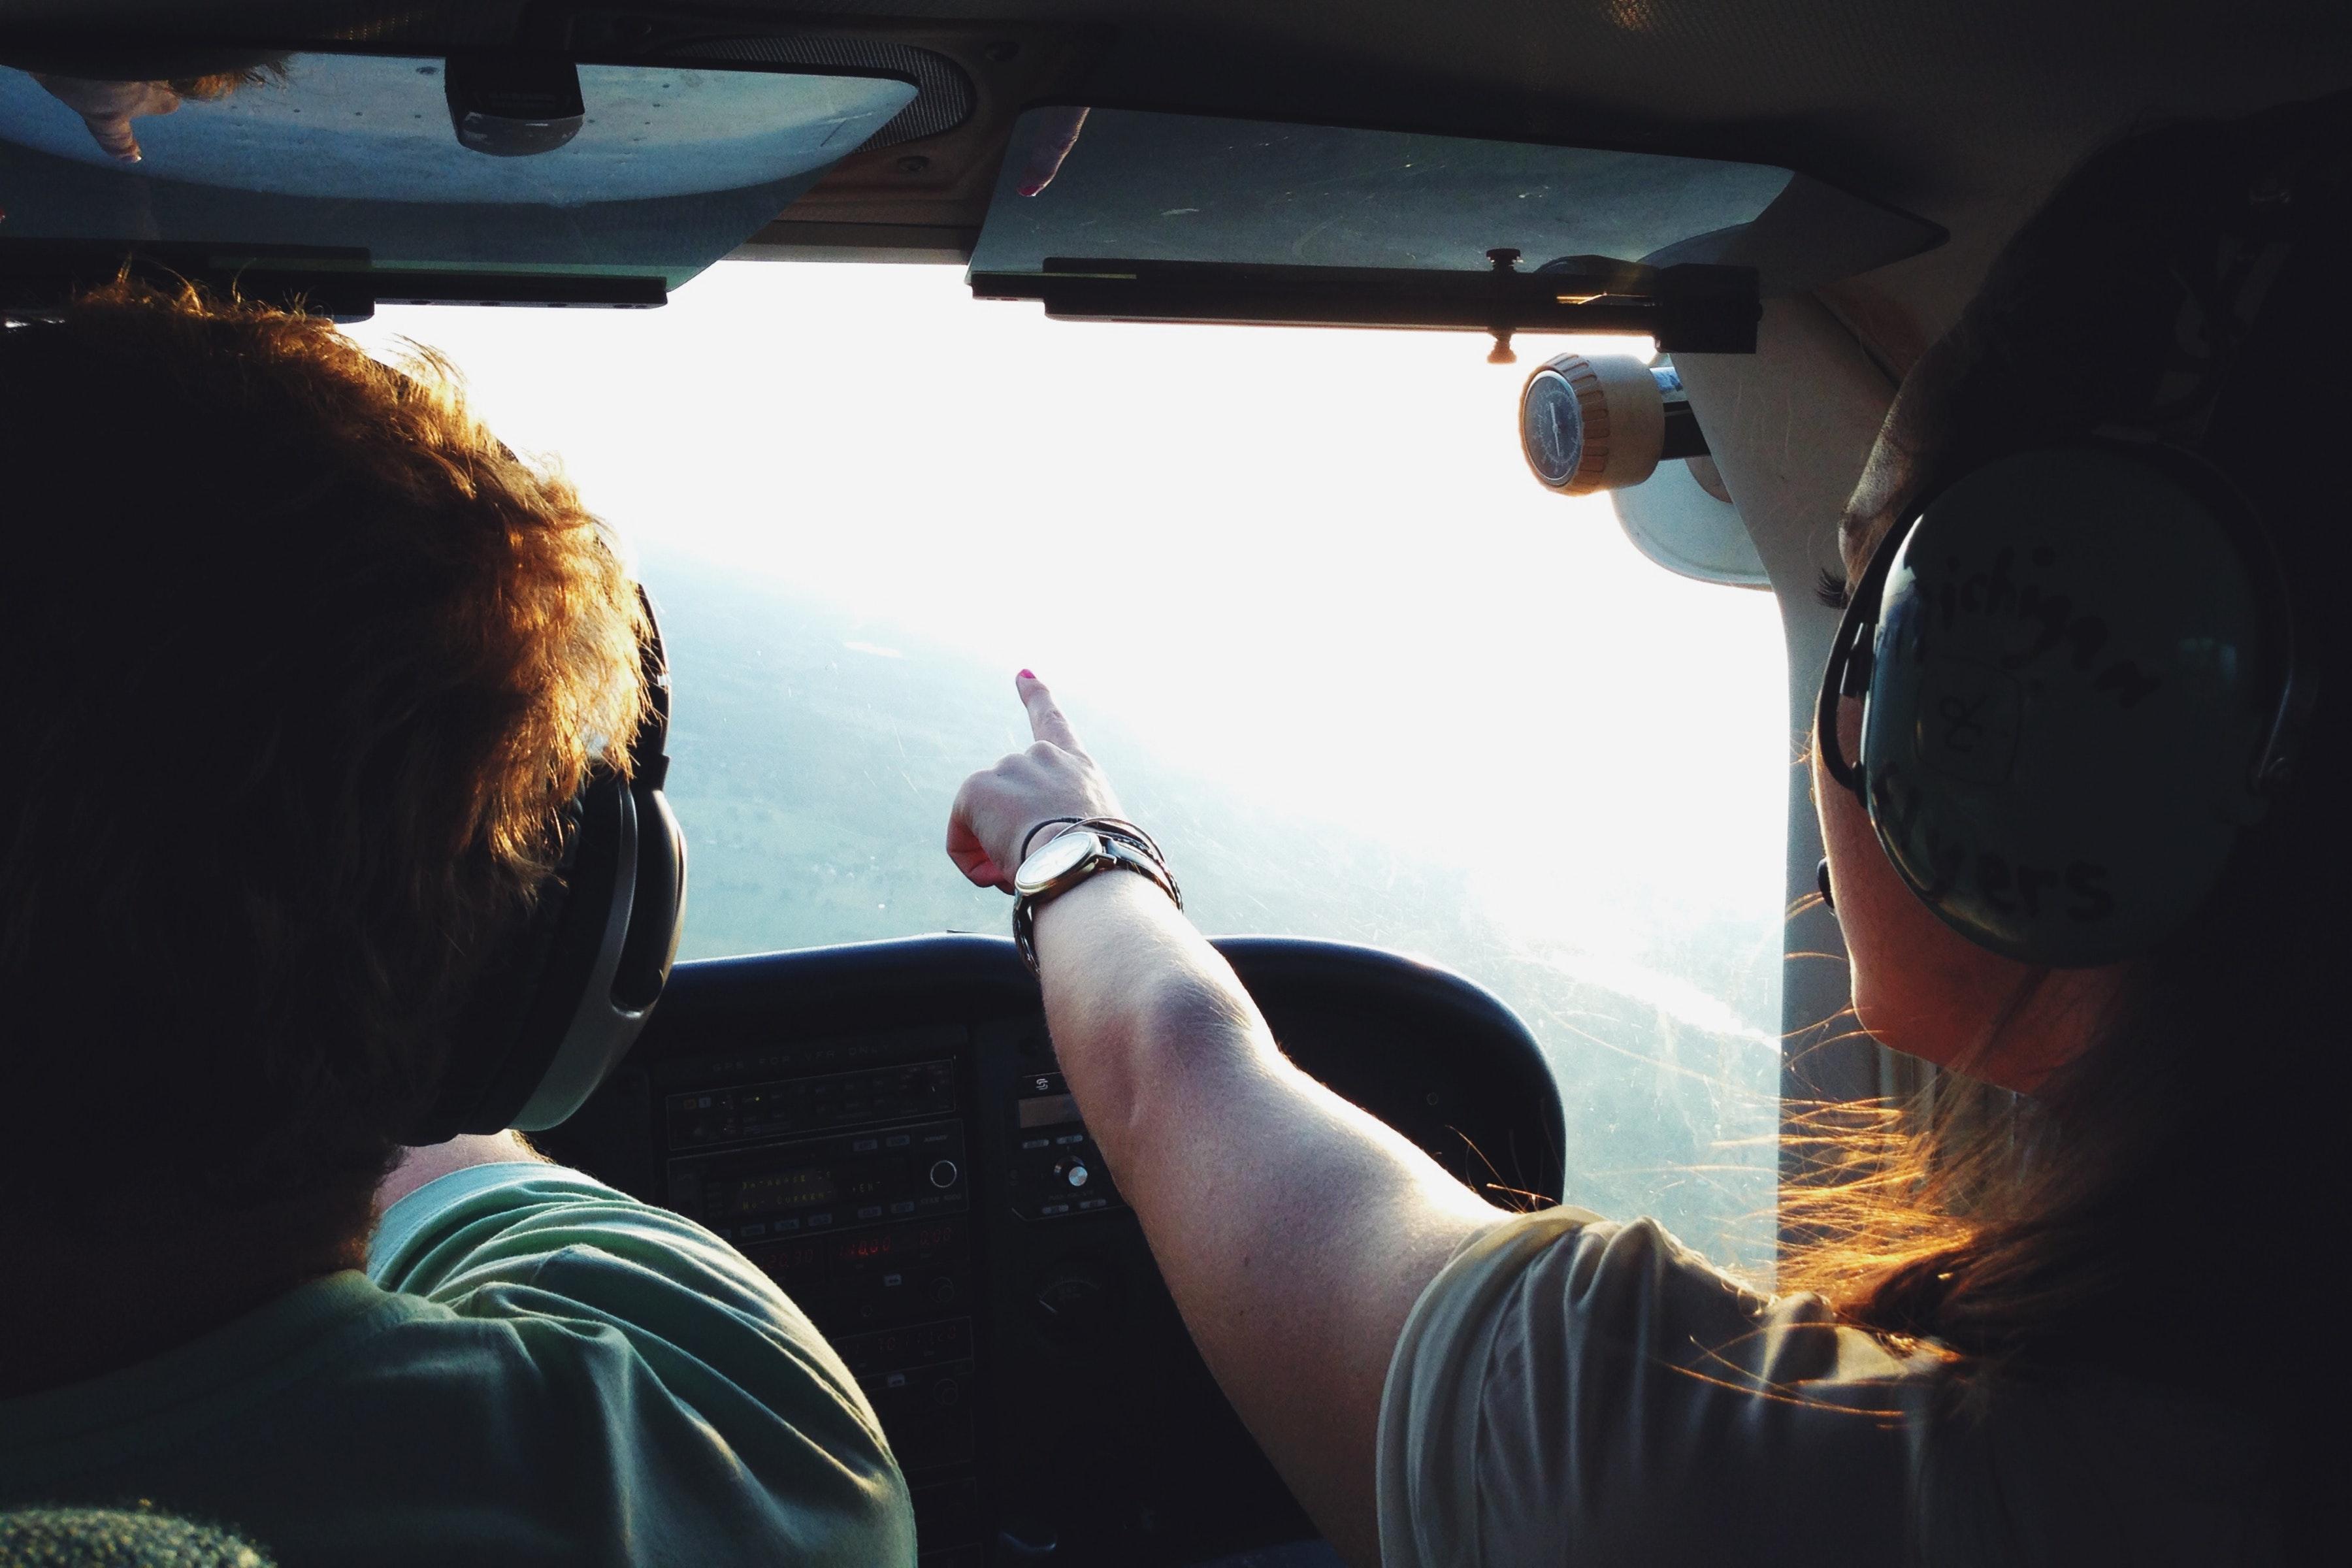 Männlicher Werden - Pilot gibt Anweisung